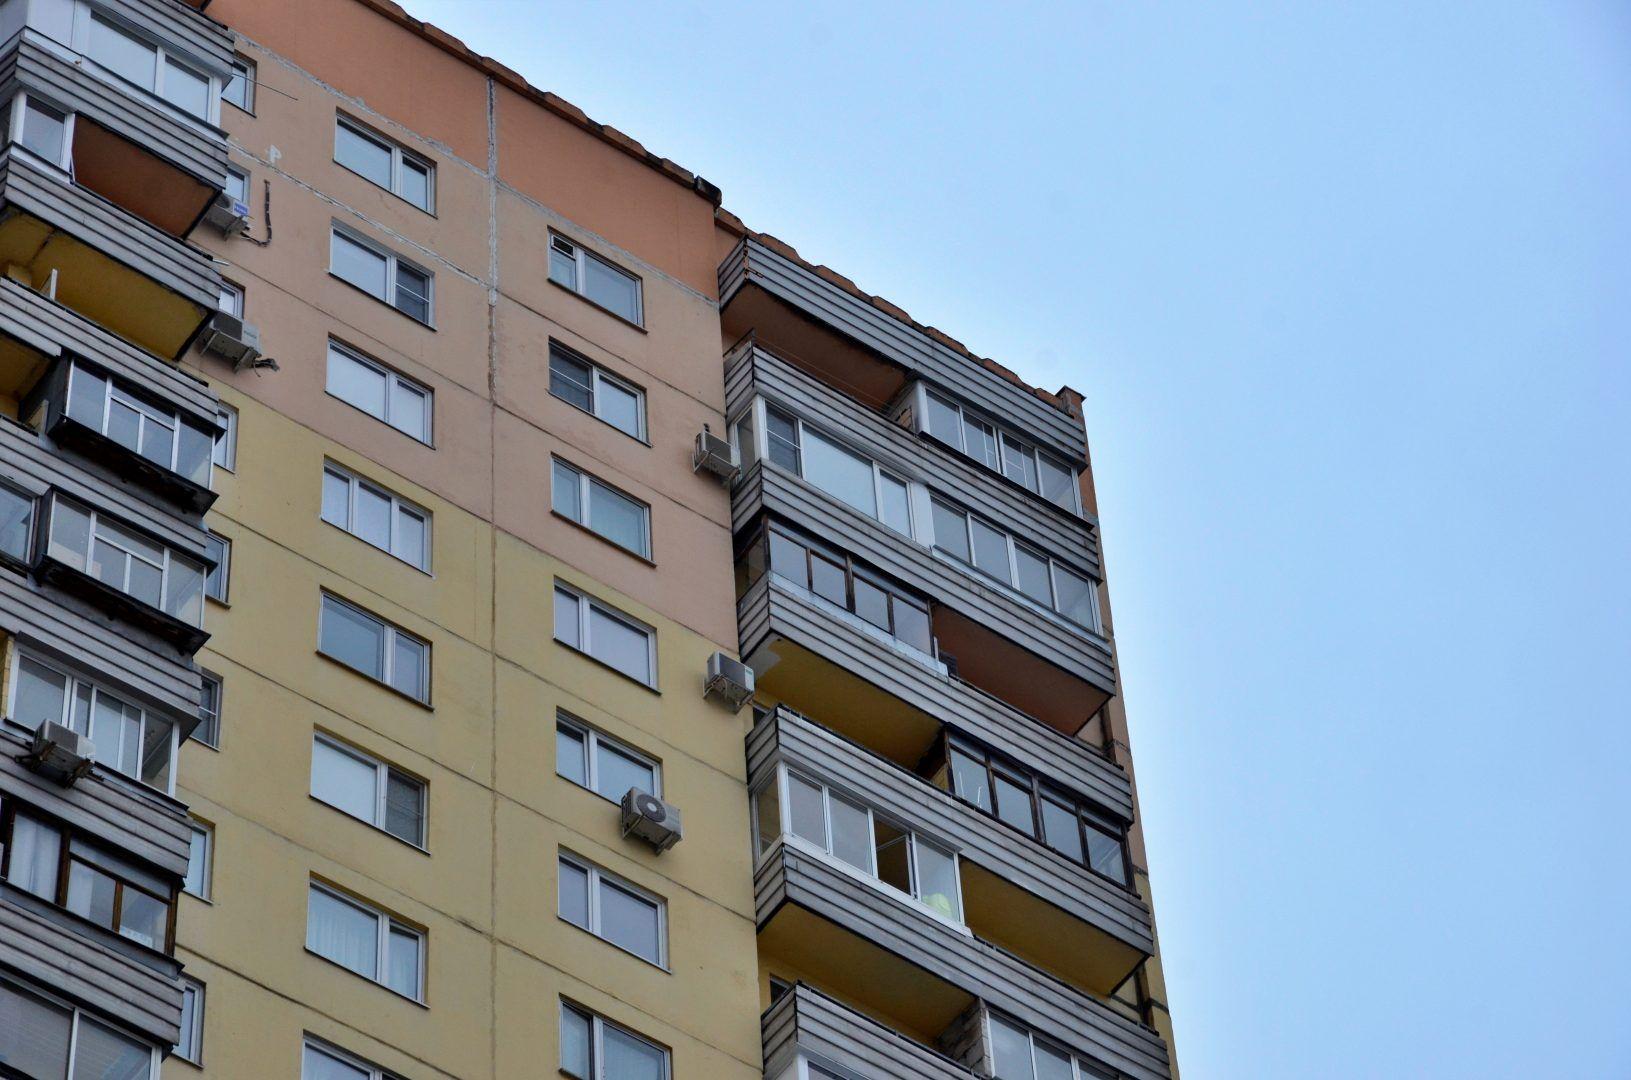 Чердаки и подвалы проверили в домах Кленовского. Фото: Анна Быкова